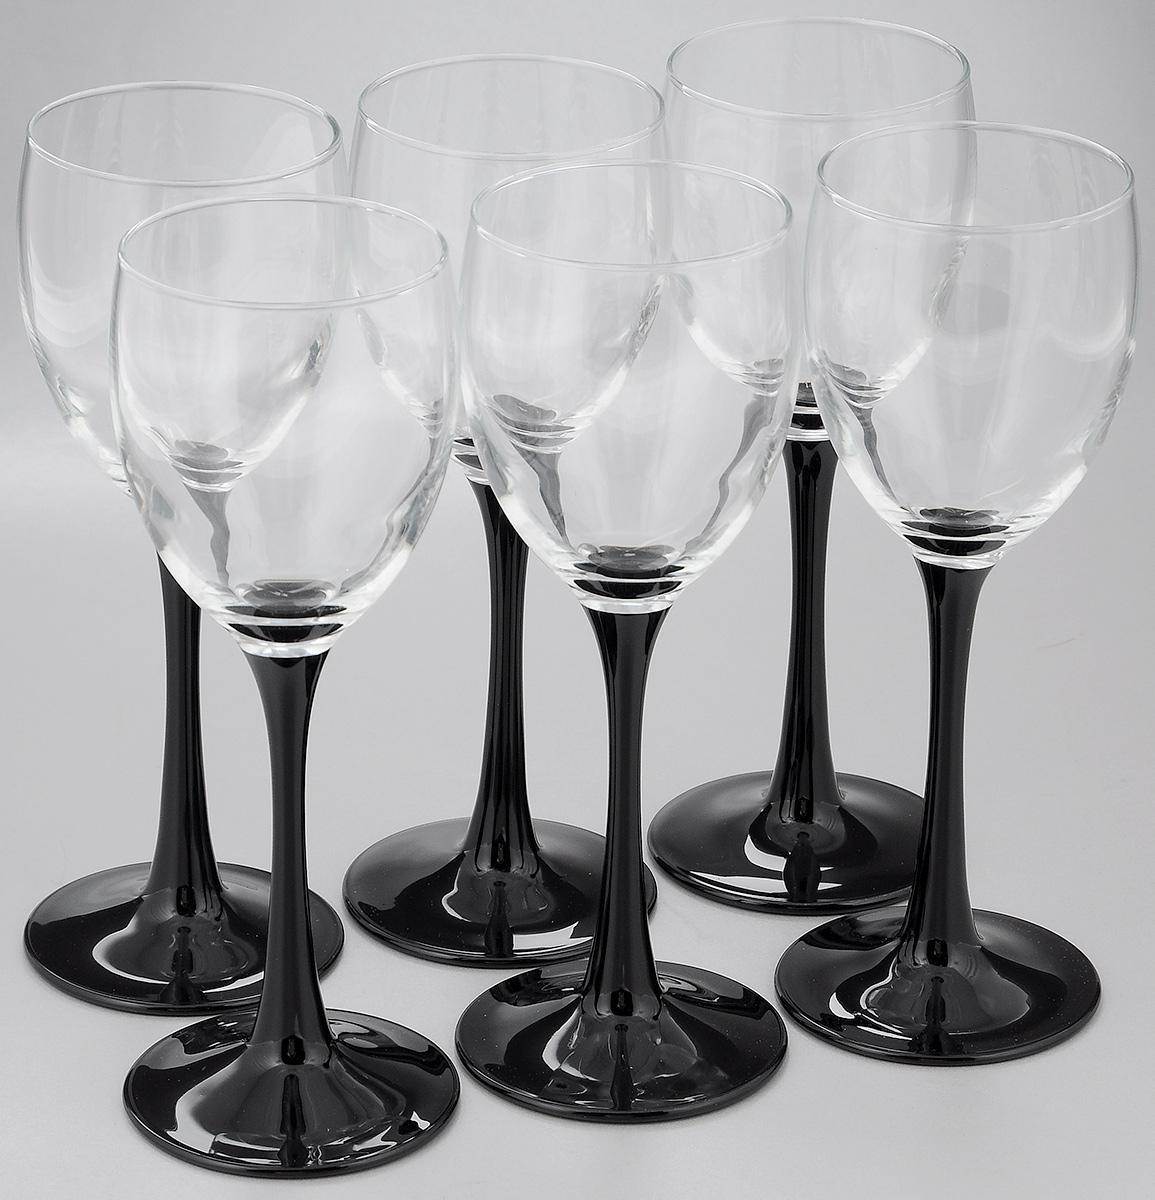 Набор фужеров Luminarc Domino, 190 мл, 6 штJ0042Набор Luminarc Domino состоит из шести фужеров, выполненных из прочного стекла. Изделия оснащены высокими ножками и предназначены для подачи вина. Они сочетают в себе элегантный дизайн и функциональность. Набор фужеров Luminarc Domino прекрасно оформит праздничный стол и создаст приятную атмосферу за романтическим ужином. Такой набор также станет хорошим подарком к любому случаю. Можно мыть в посудомоечной машине. Диаметр фужера (по верхнему краю): 6 см. Высота фужера: 18,5 см. Диаметр основания: 7 см.